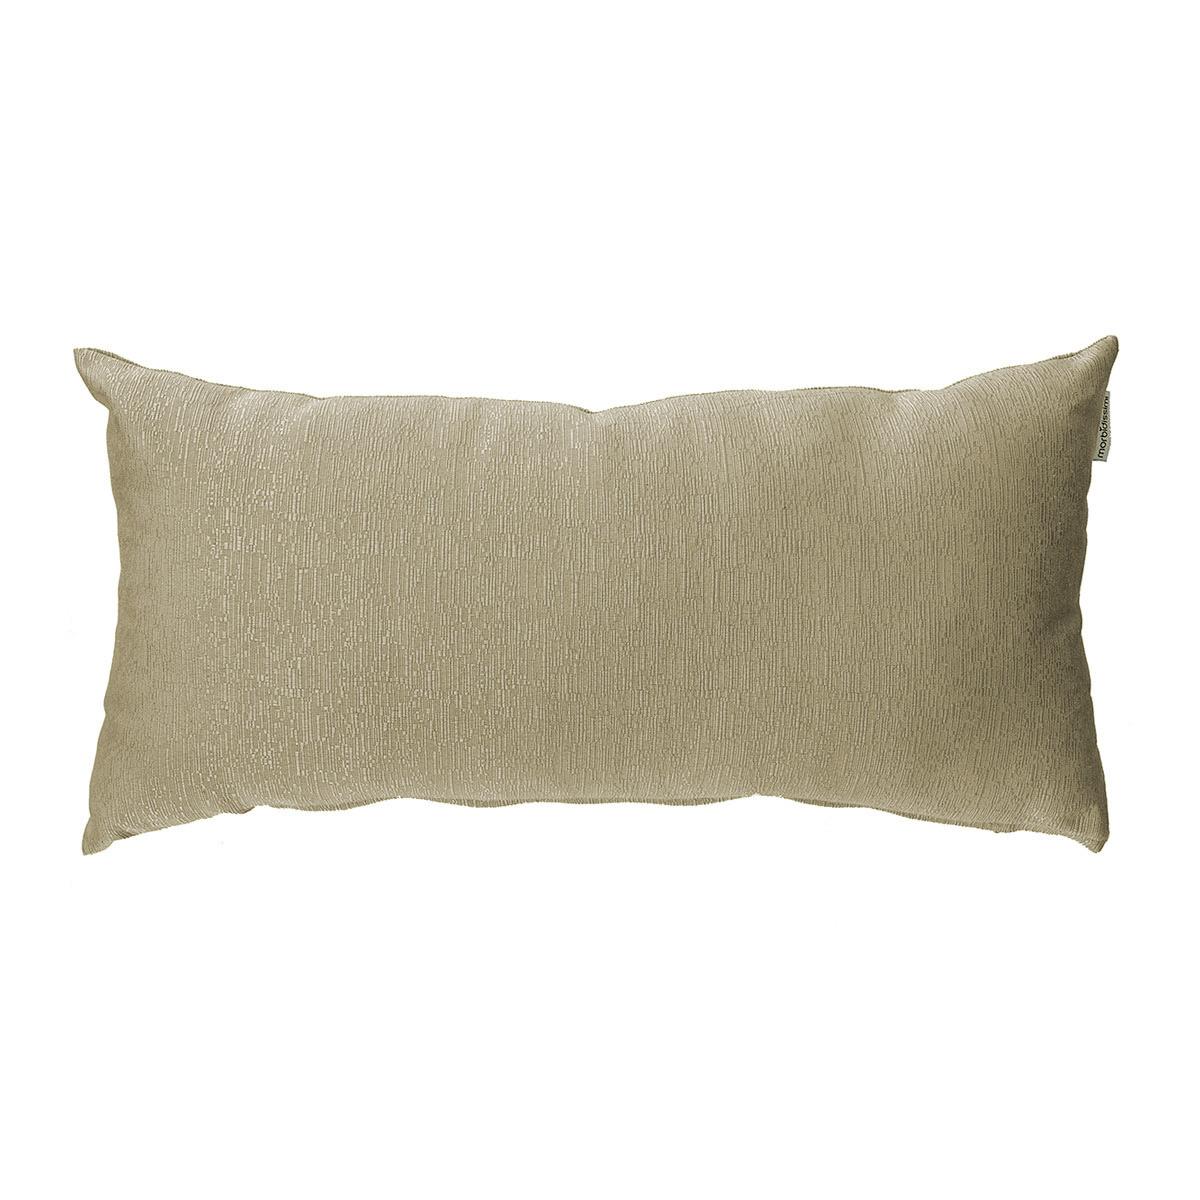 cuscino d'arredo rettangolare